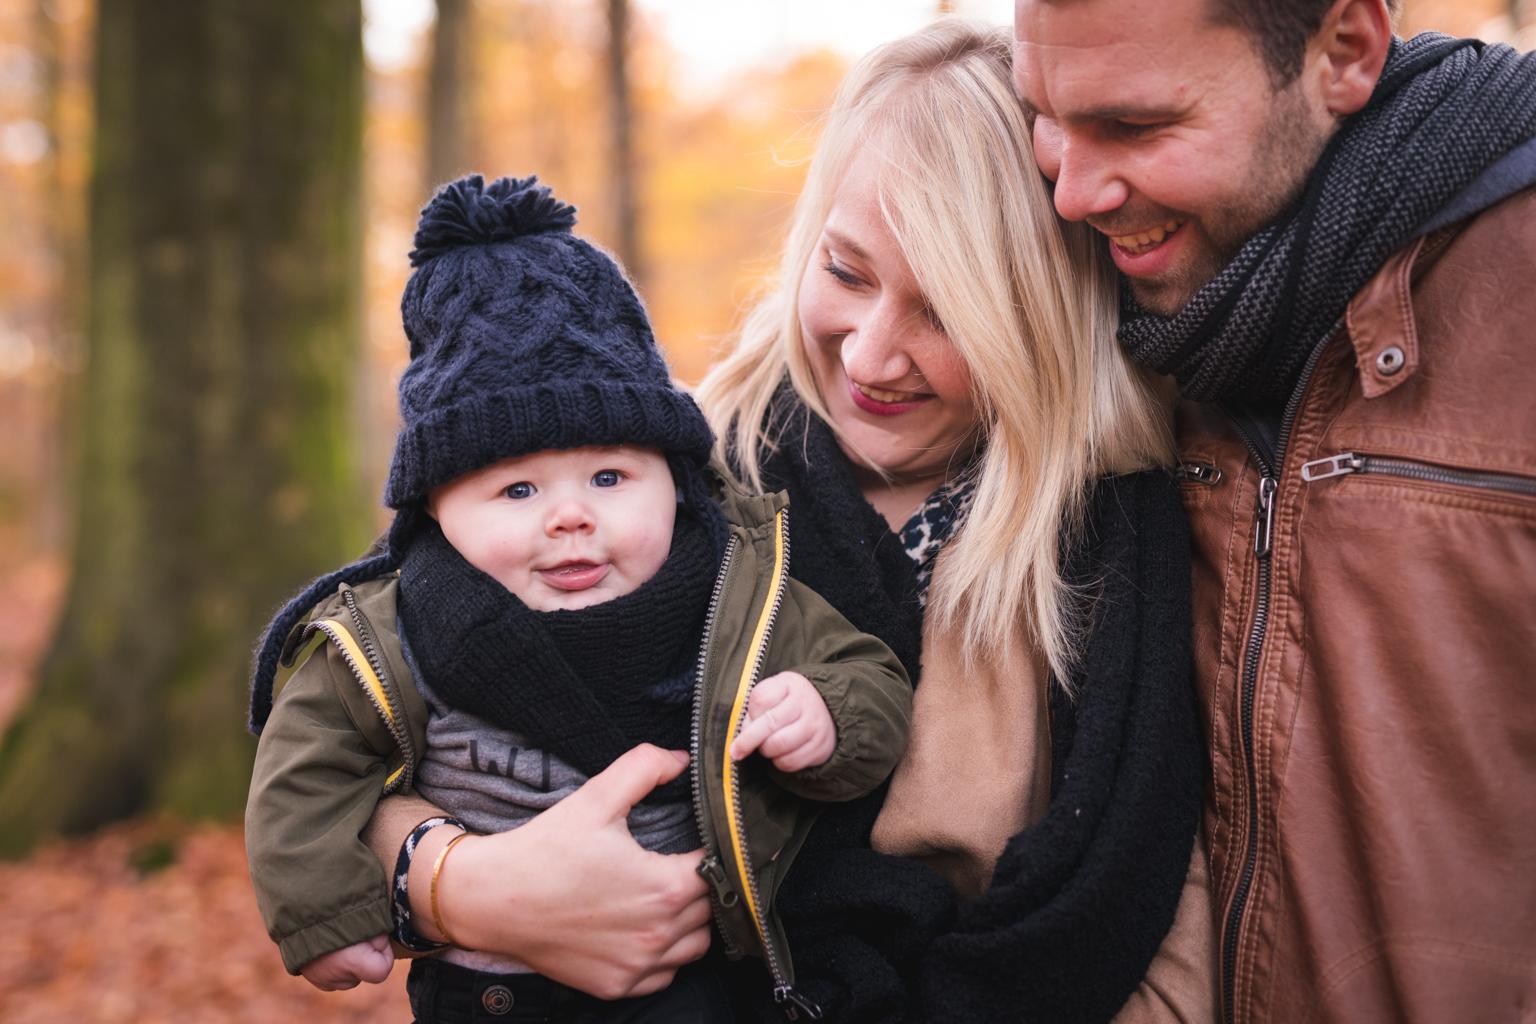 Kids & newborn - Een gezinsreportage, day in the life fotosessie, communie/lentefeest foto's, …VANAF €100 VOOR 1U FOTOGRAFIE